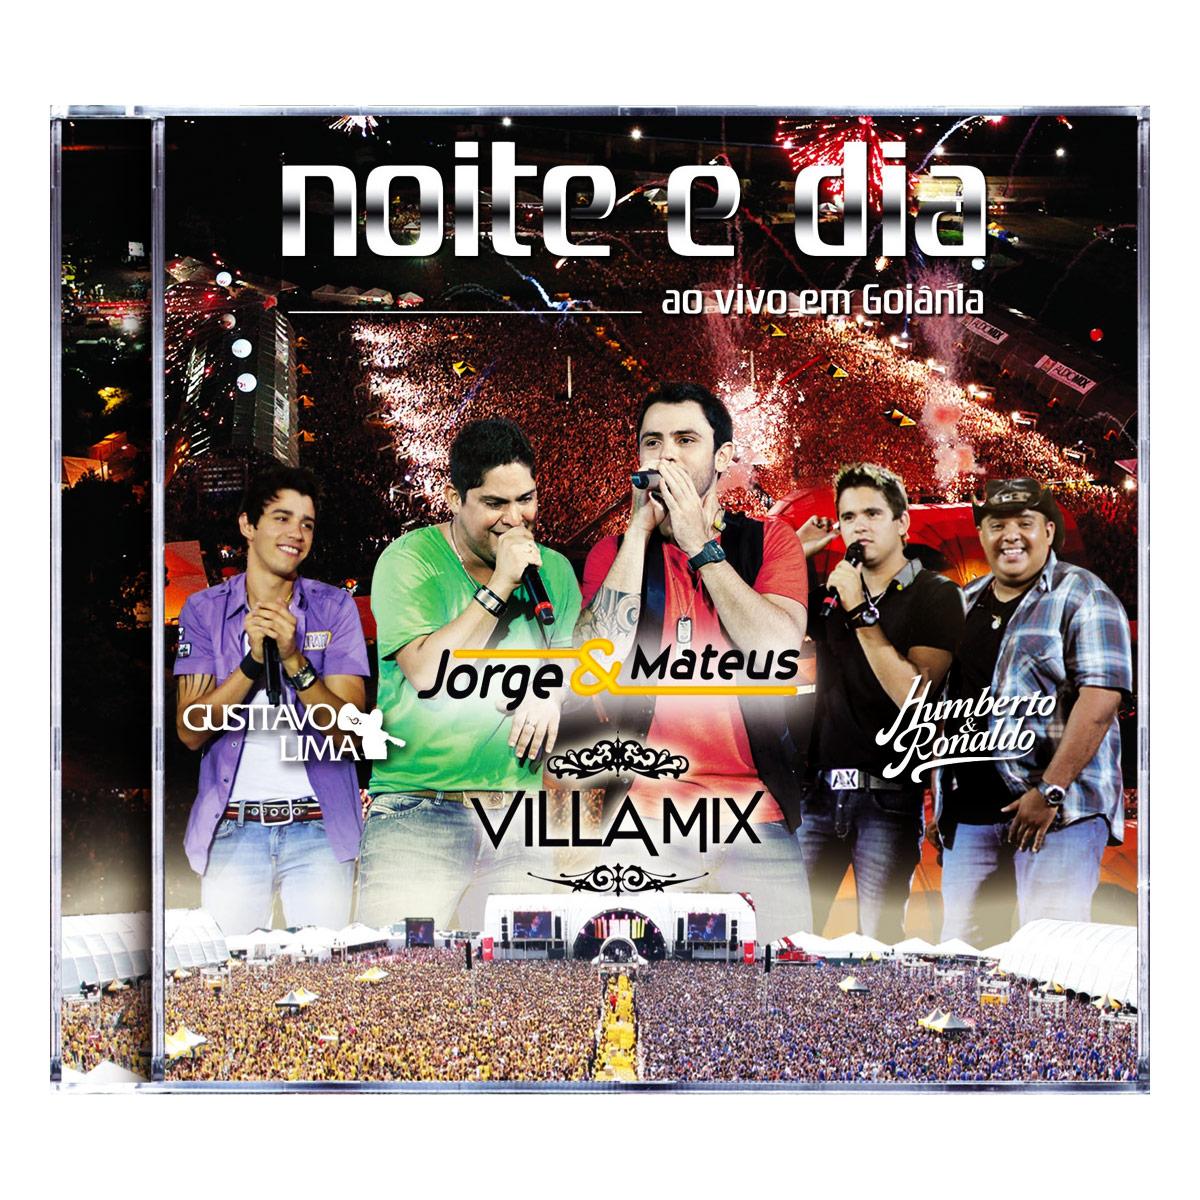 UOL Downloads Gratis: CD Noite E Dia